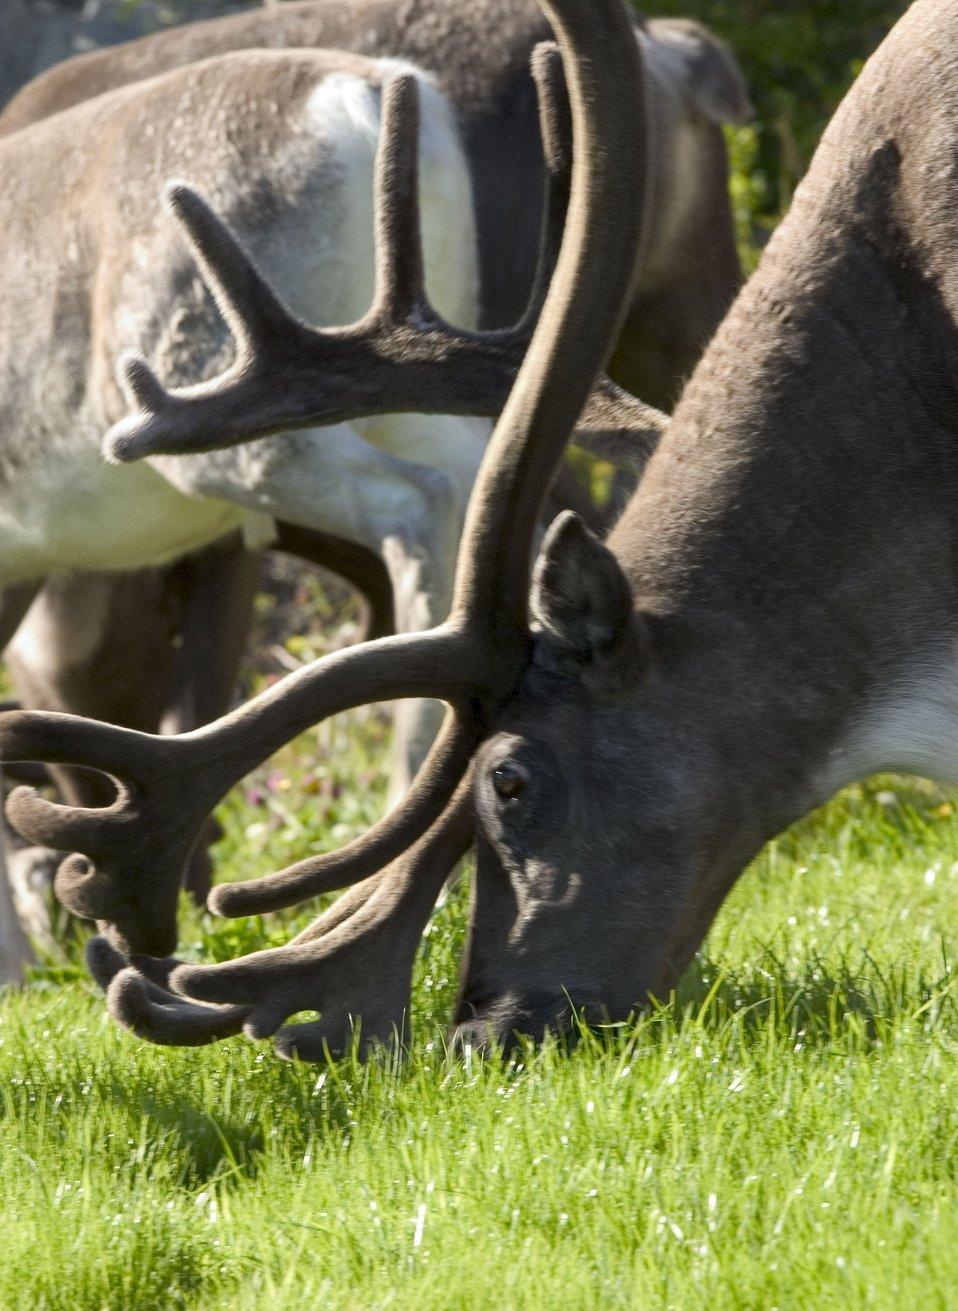 Reindeer at Kirkenes. See: http://www.naturalsciences.org/education/arctic/